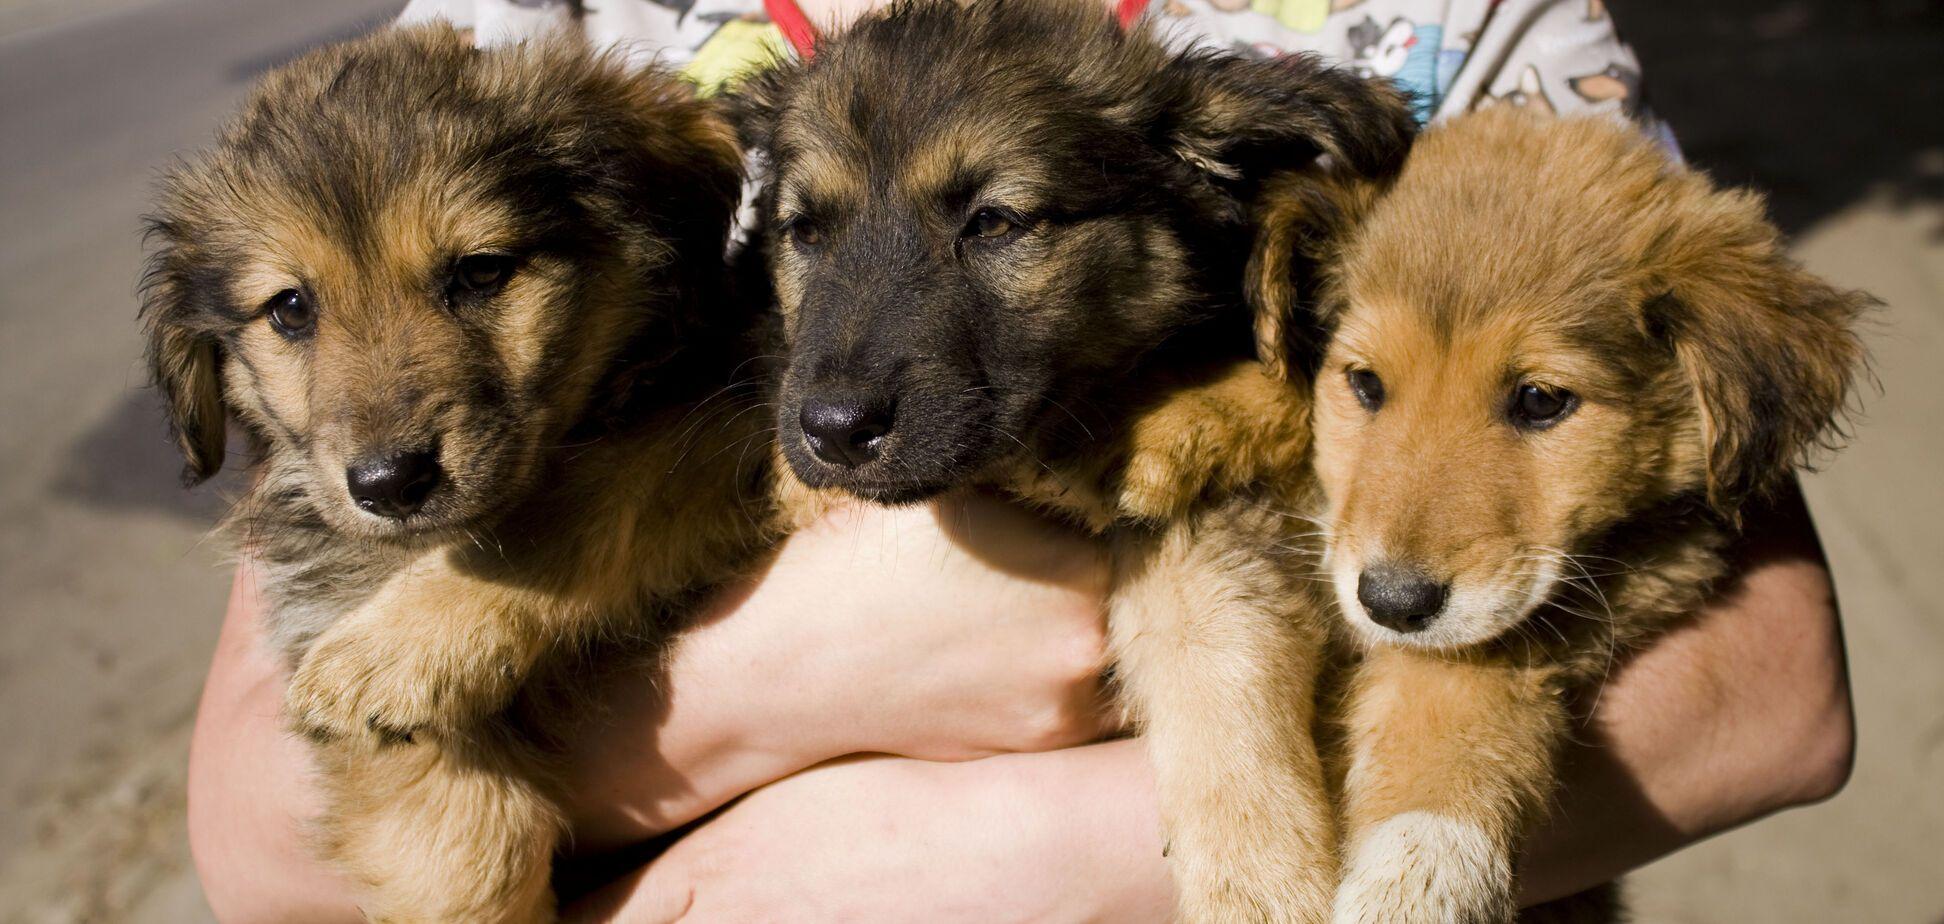 Друг тижня: чотири собаки Дніпра, які шукають дім